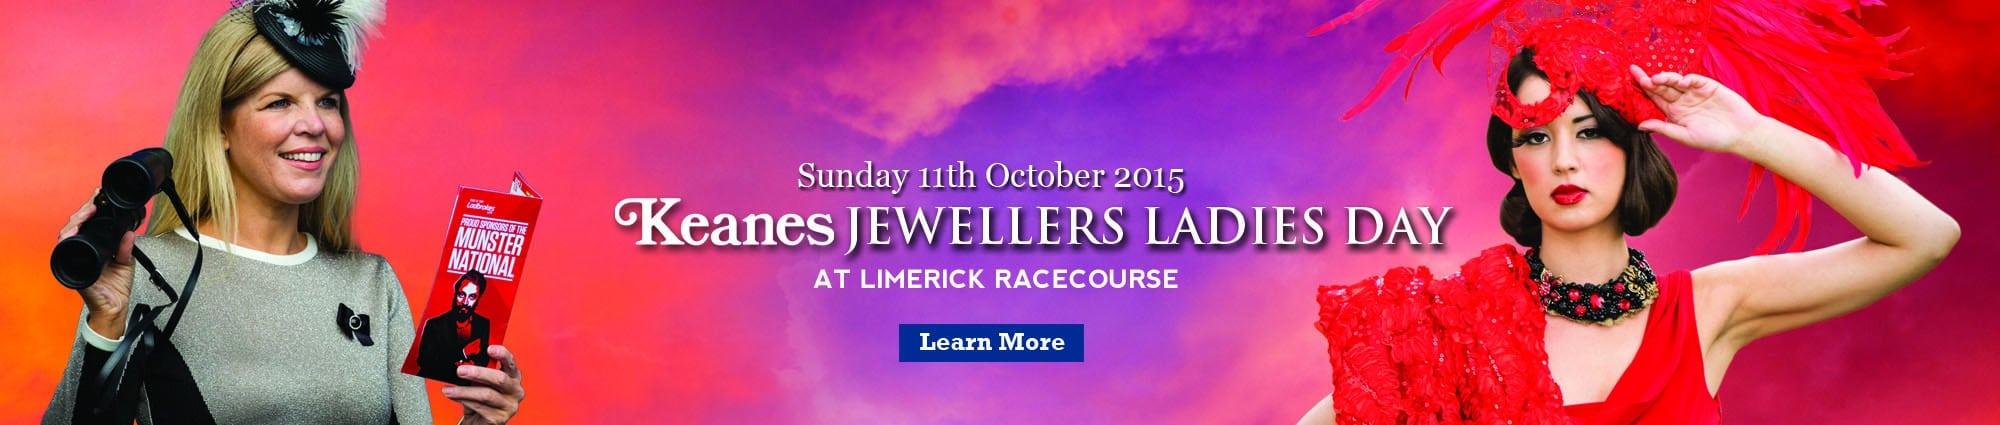 Keanes-Jewellers-Ladies-Day-website1